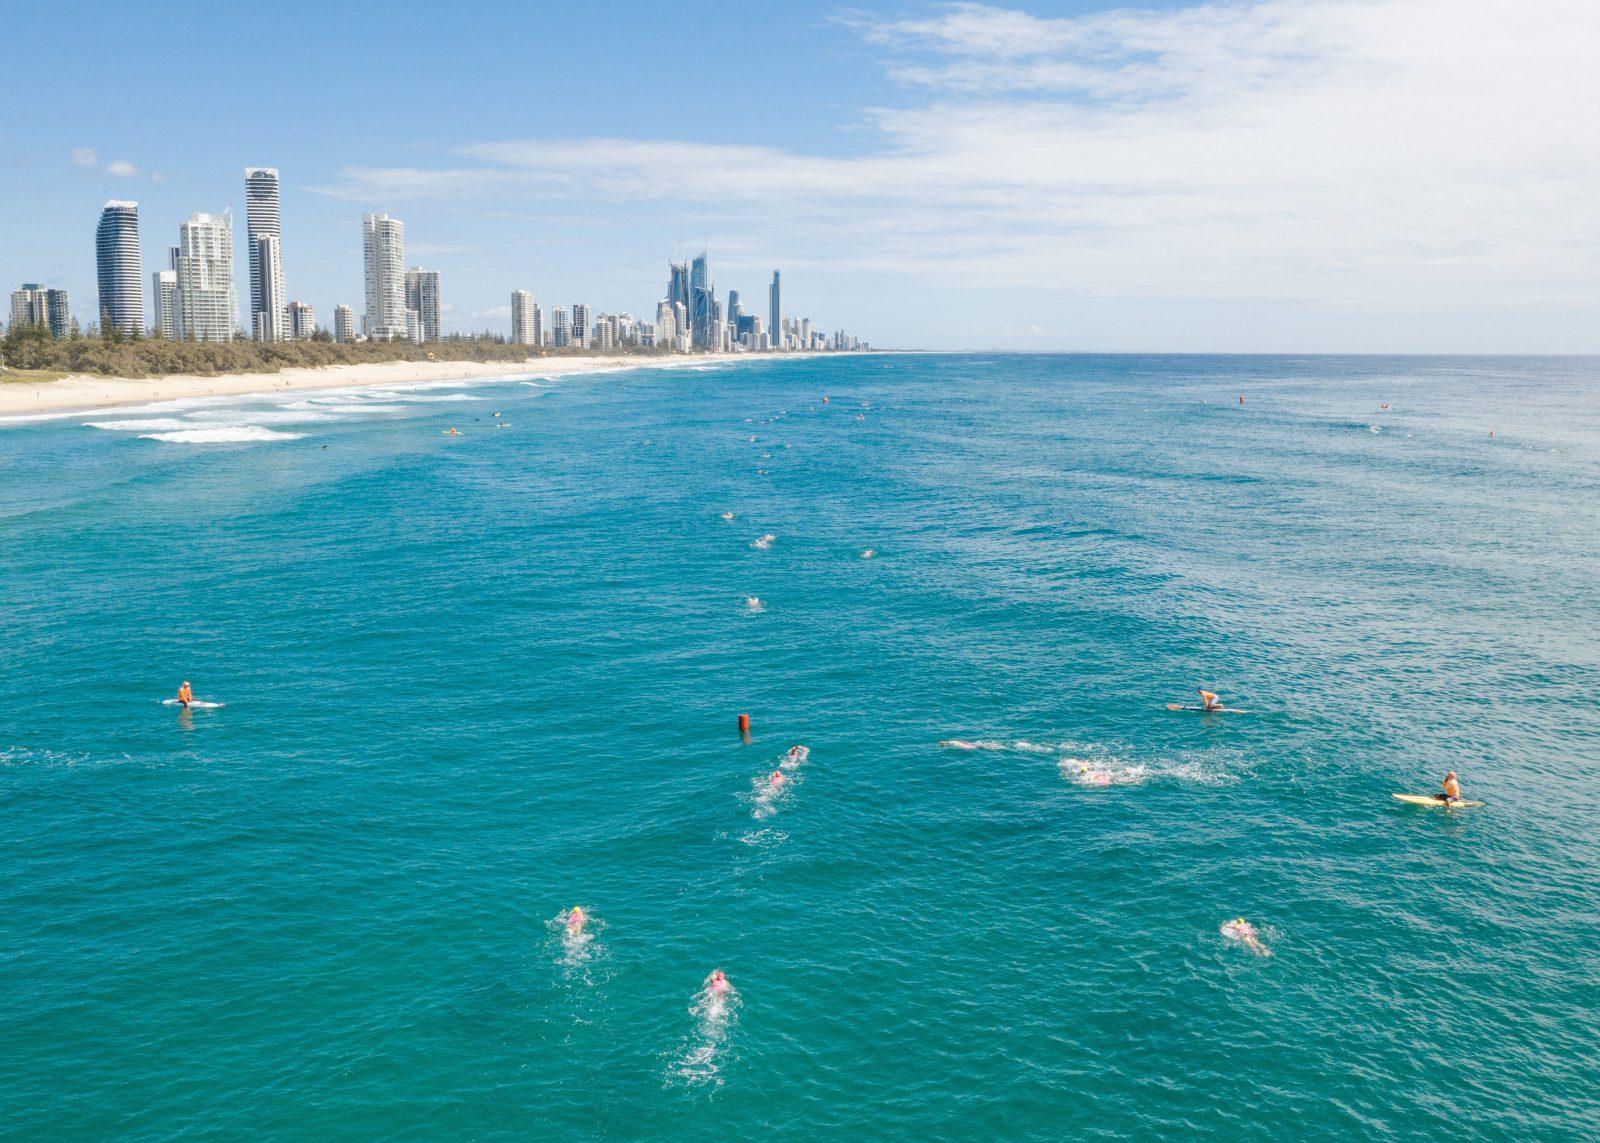 Pan Pacific Masters Games ocean swim at Mermaid Beach